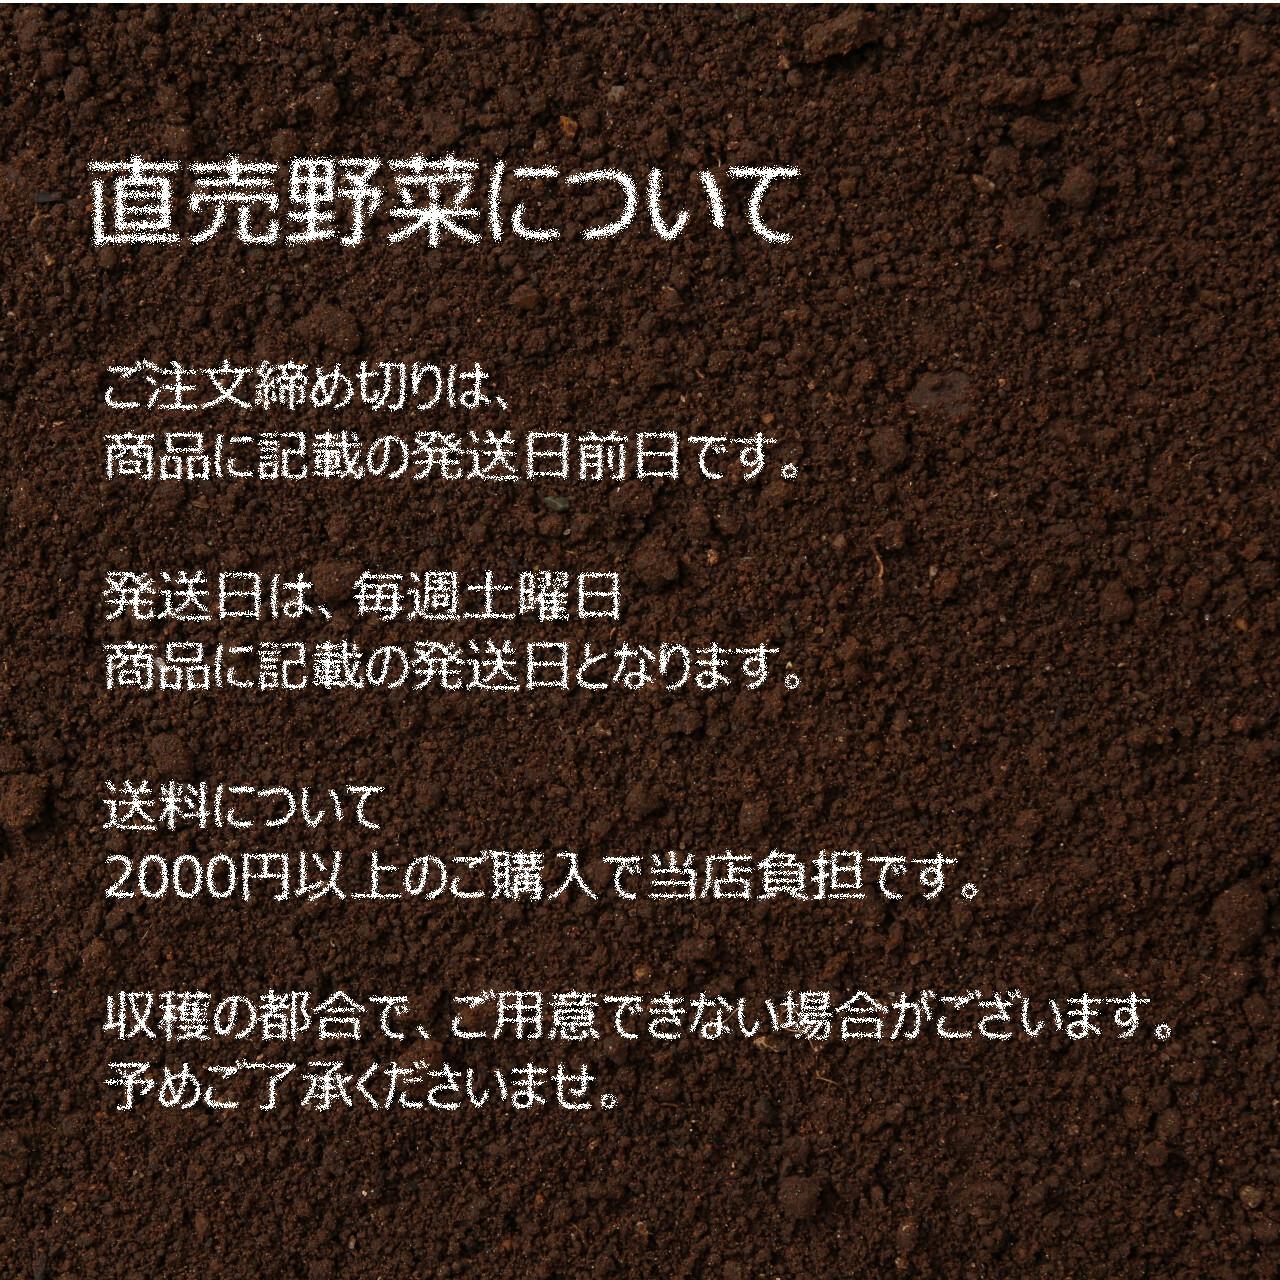 スナップエンドウ 約300g : 6月の朝採り直売野菜  春の新鮮野菜 6月13日発送予定